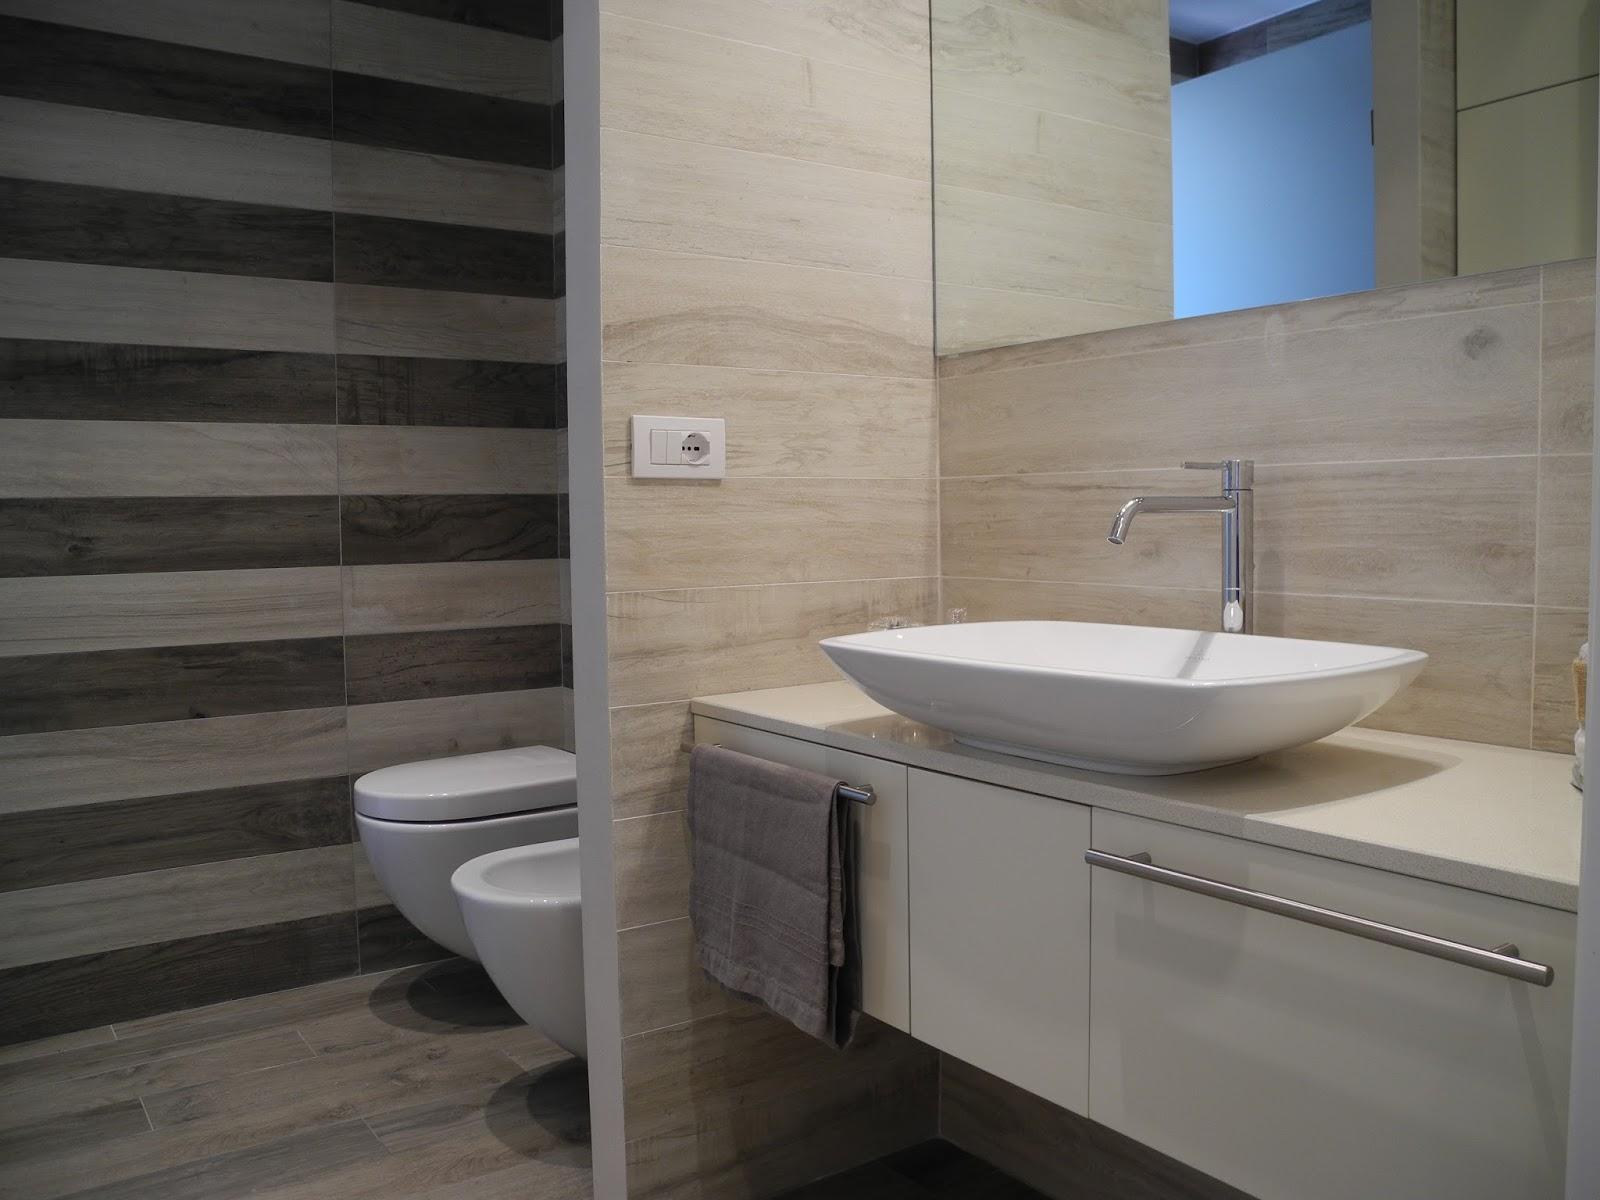 Profumo di casa bagno by andrea castrignano - Profumo per bagno ...